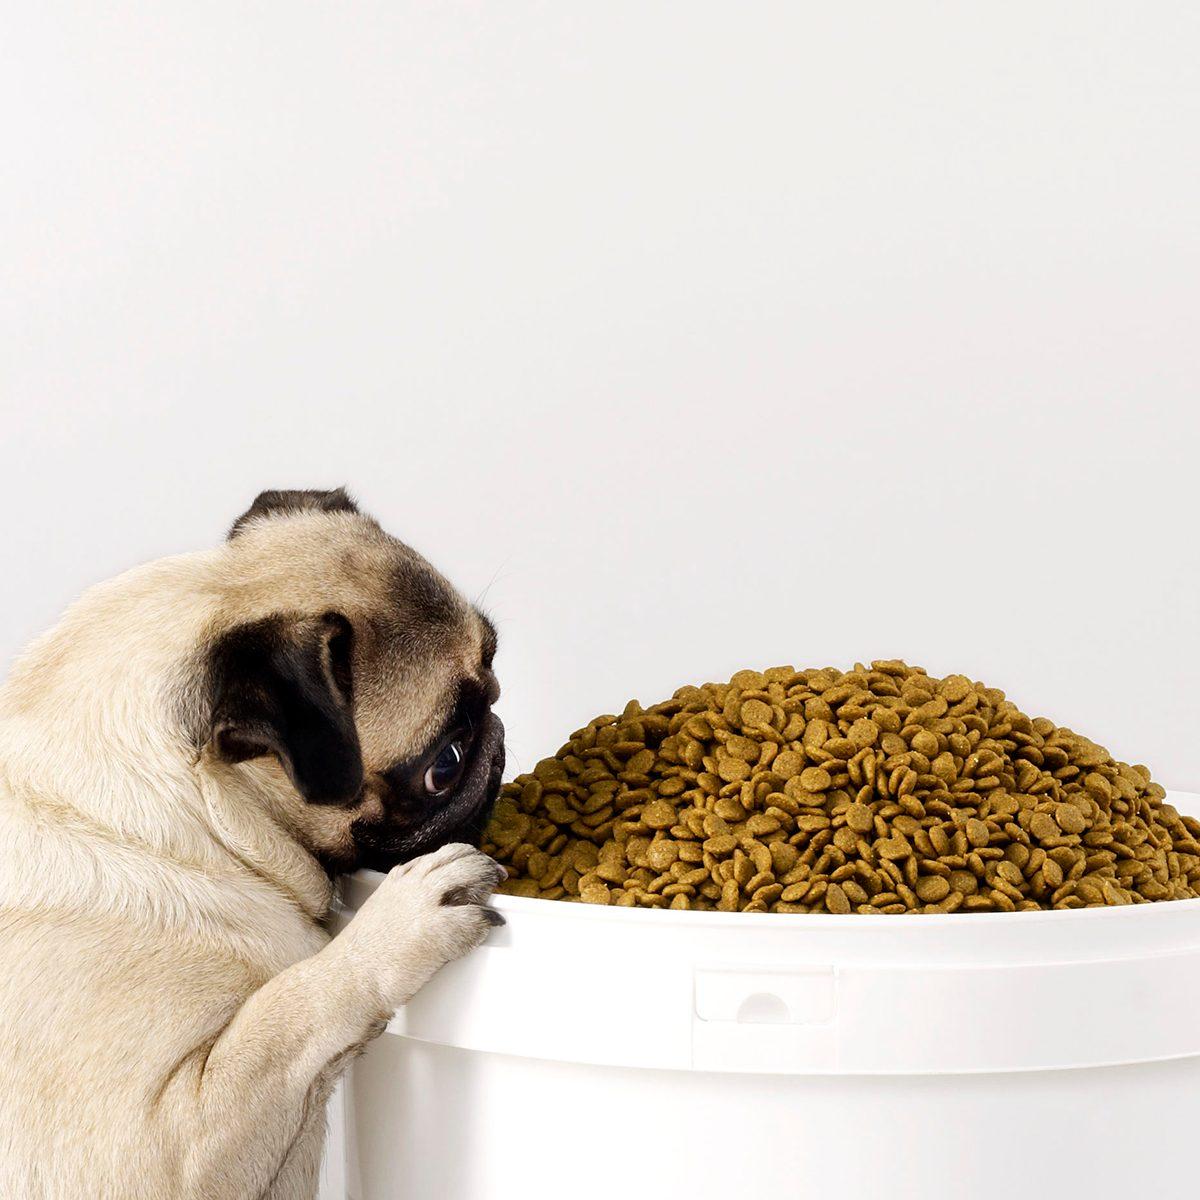 Dog eating a bucket of dog food